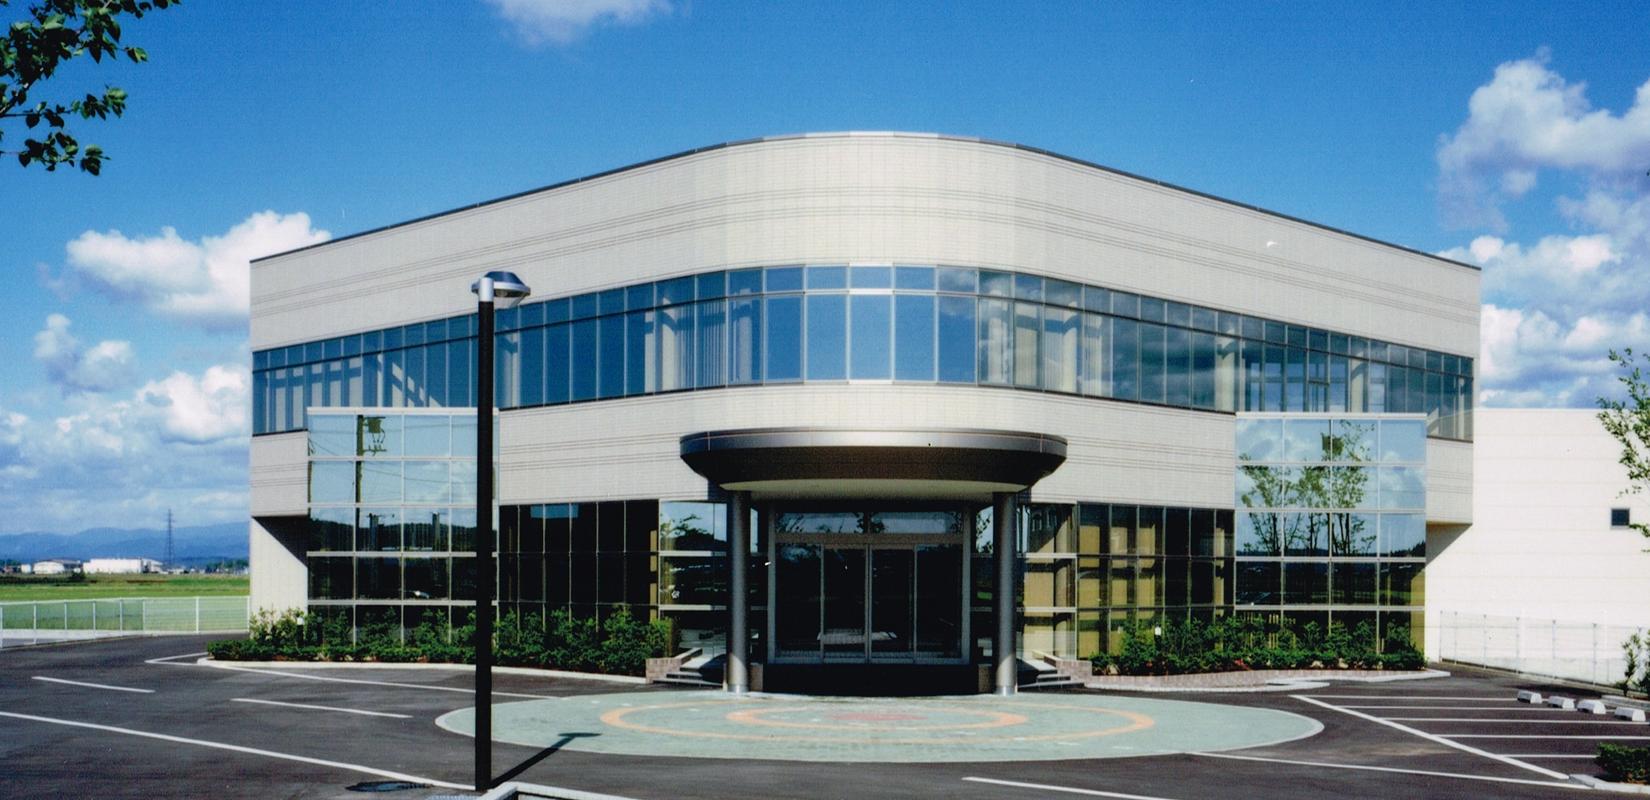 株式会社パルテノン建築計画研究所